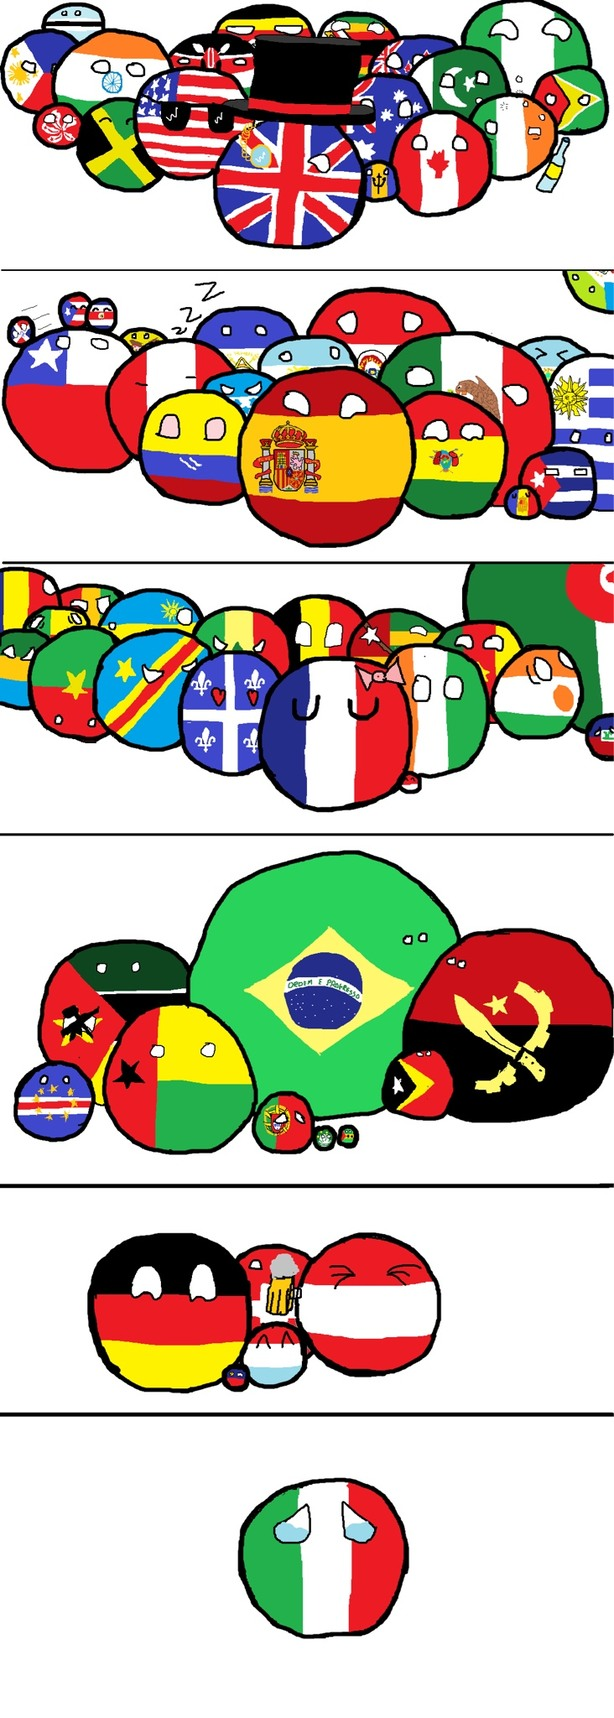 Familias de lenguajes - meme